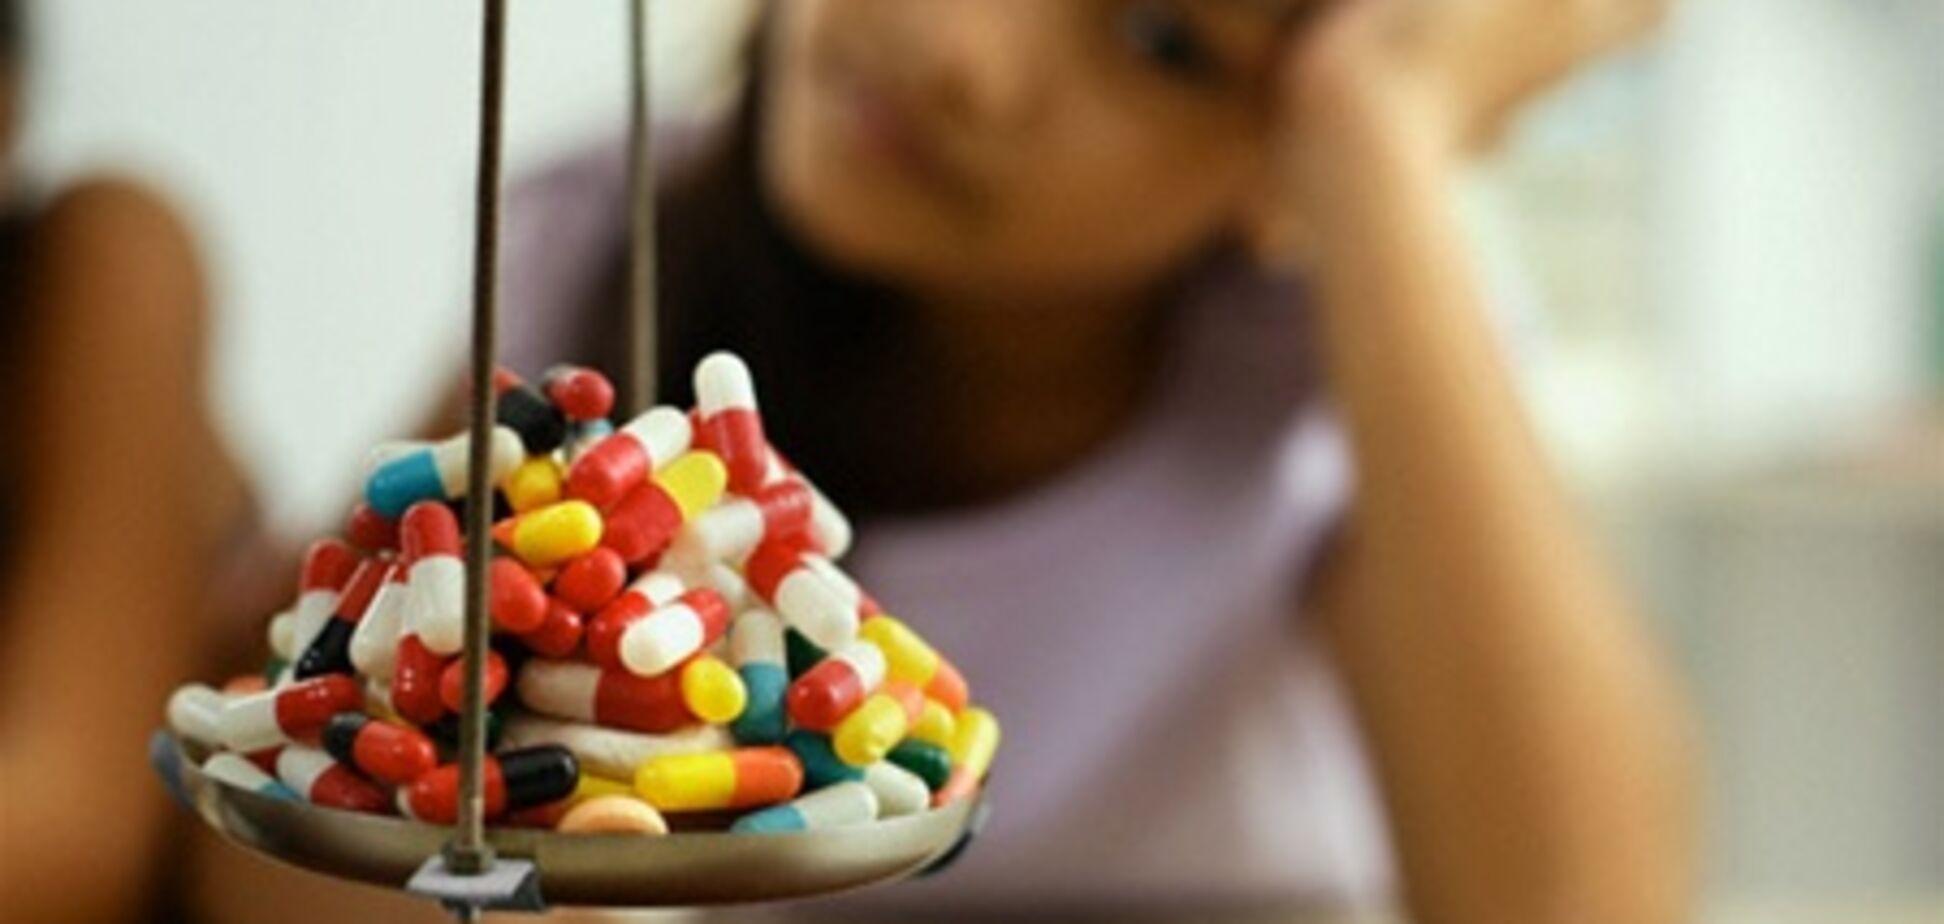 Цены на популярные лекарства упадут на 20%